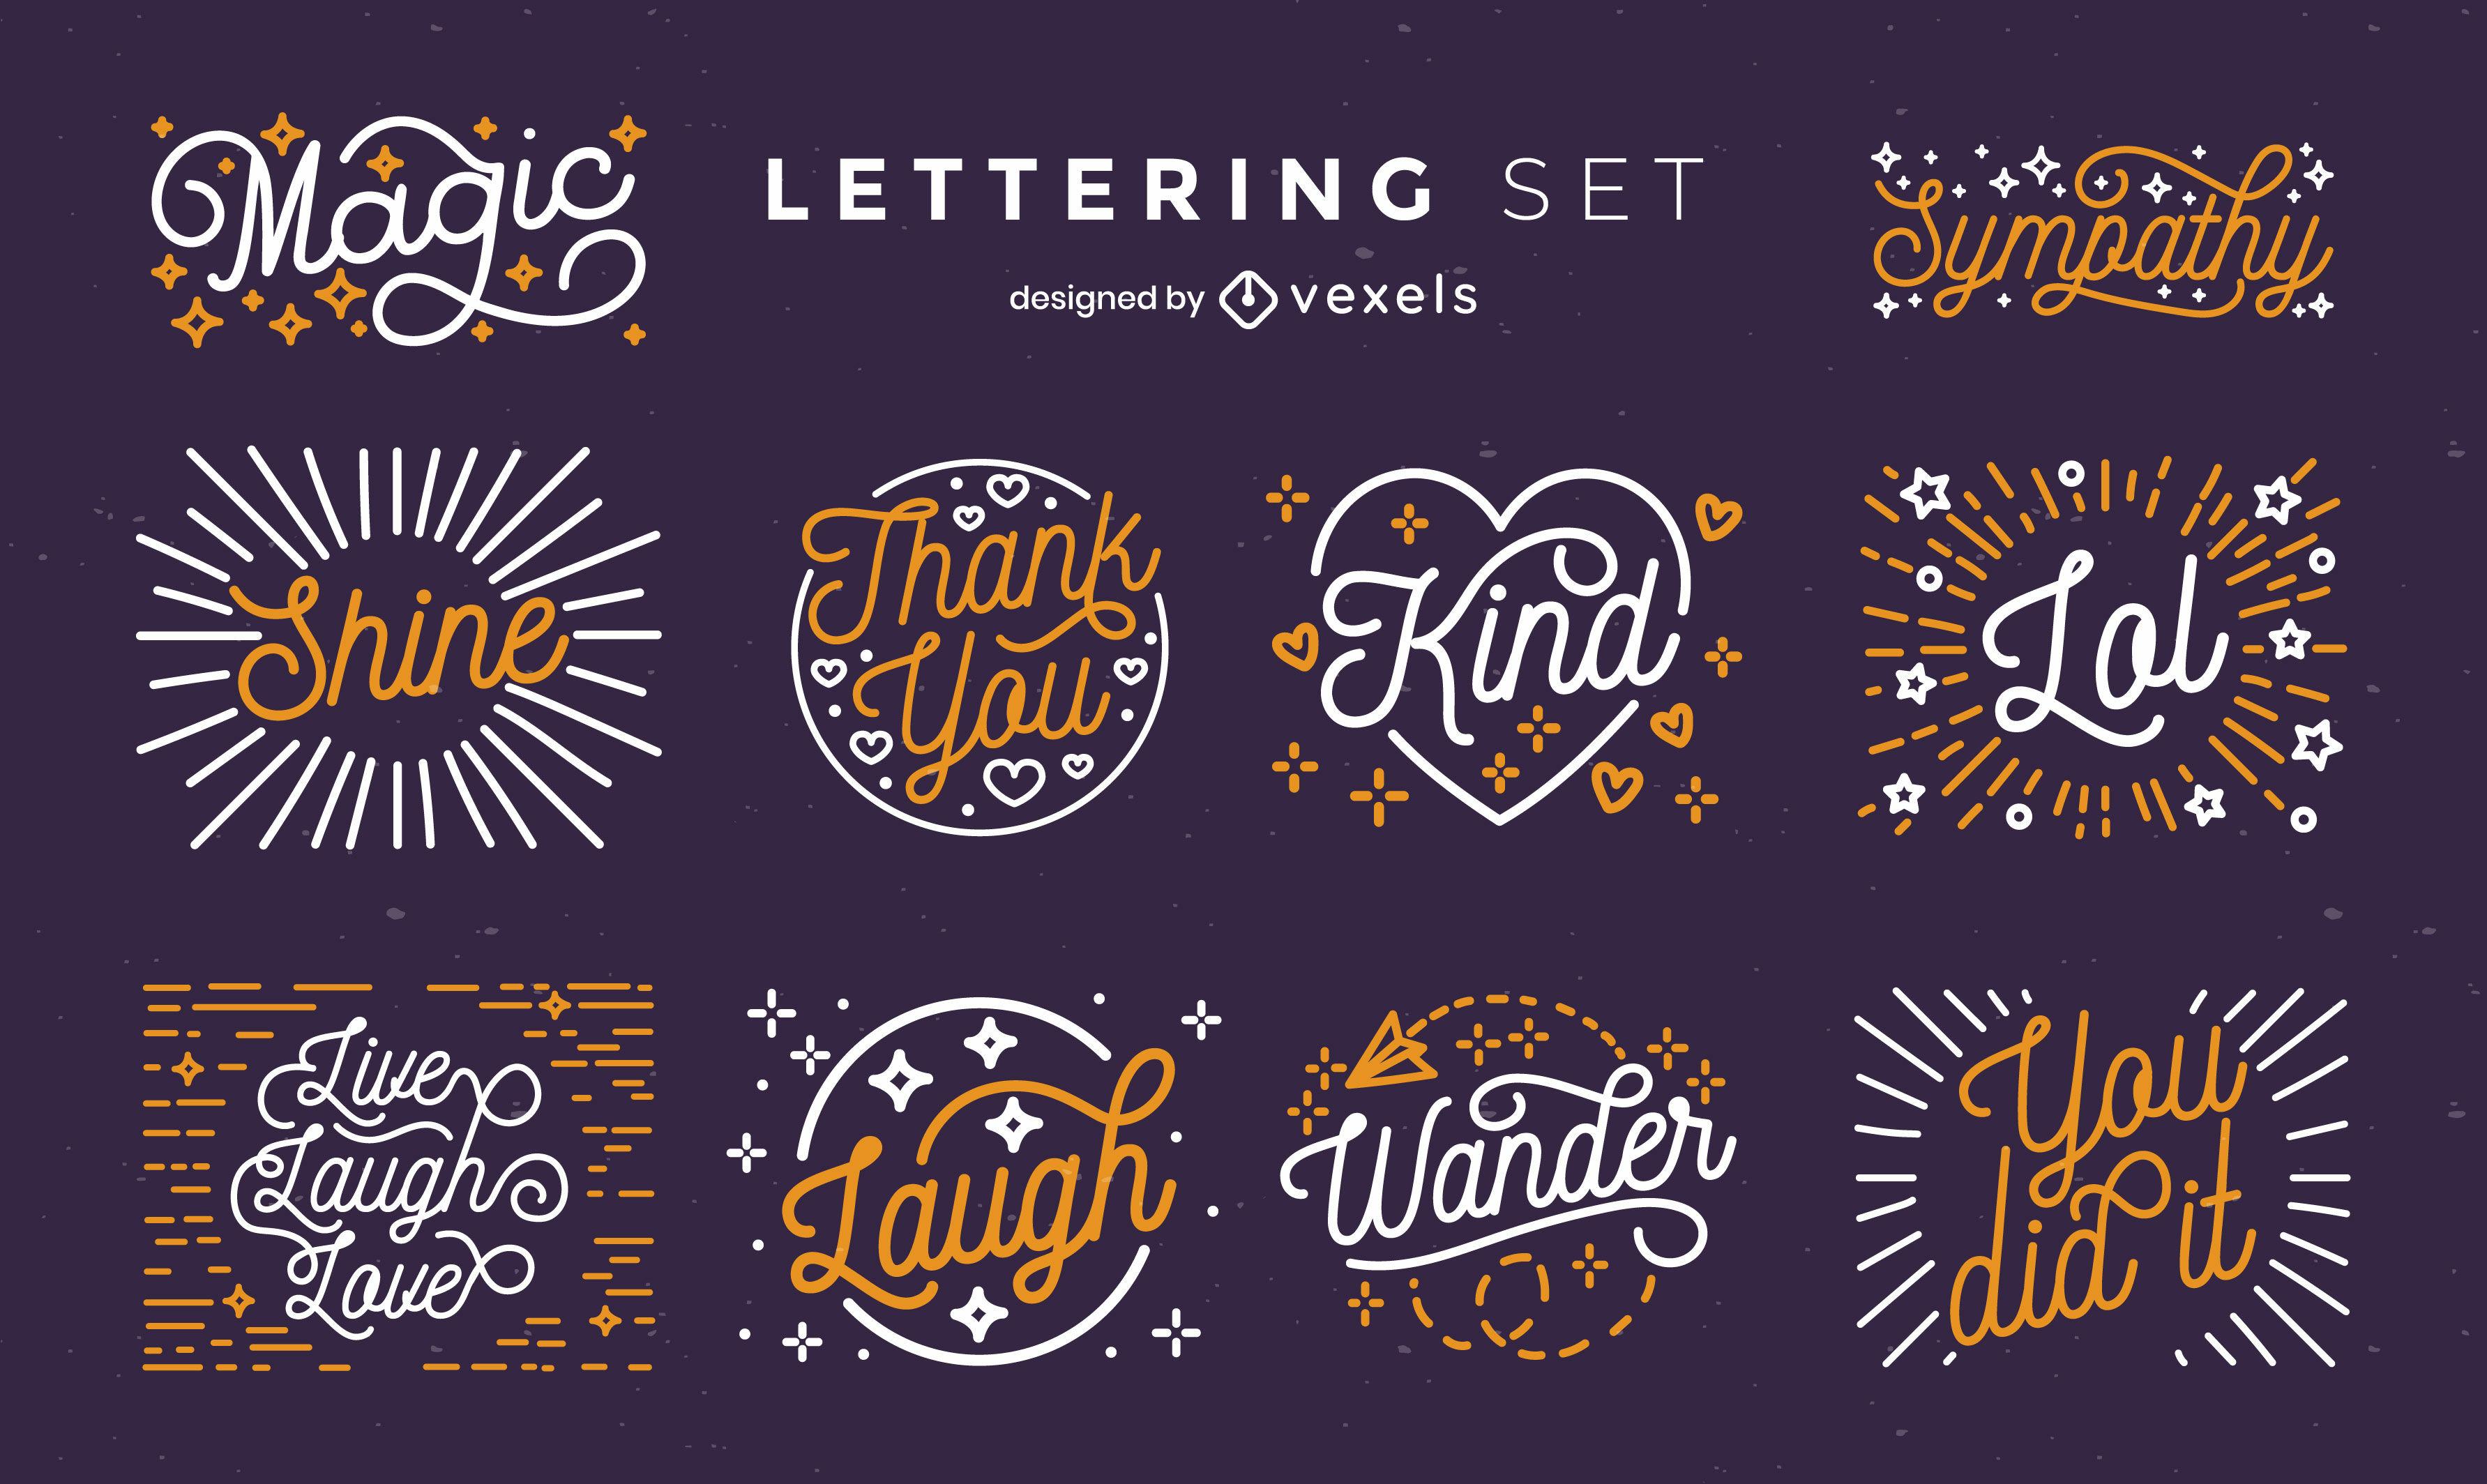 Citas y expresiones insignias letras.